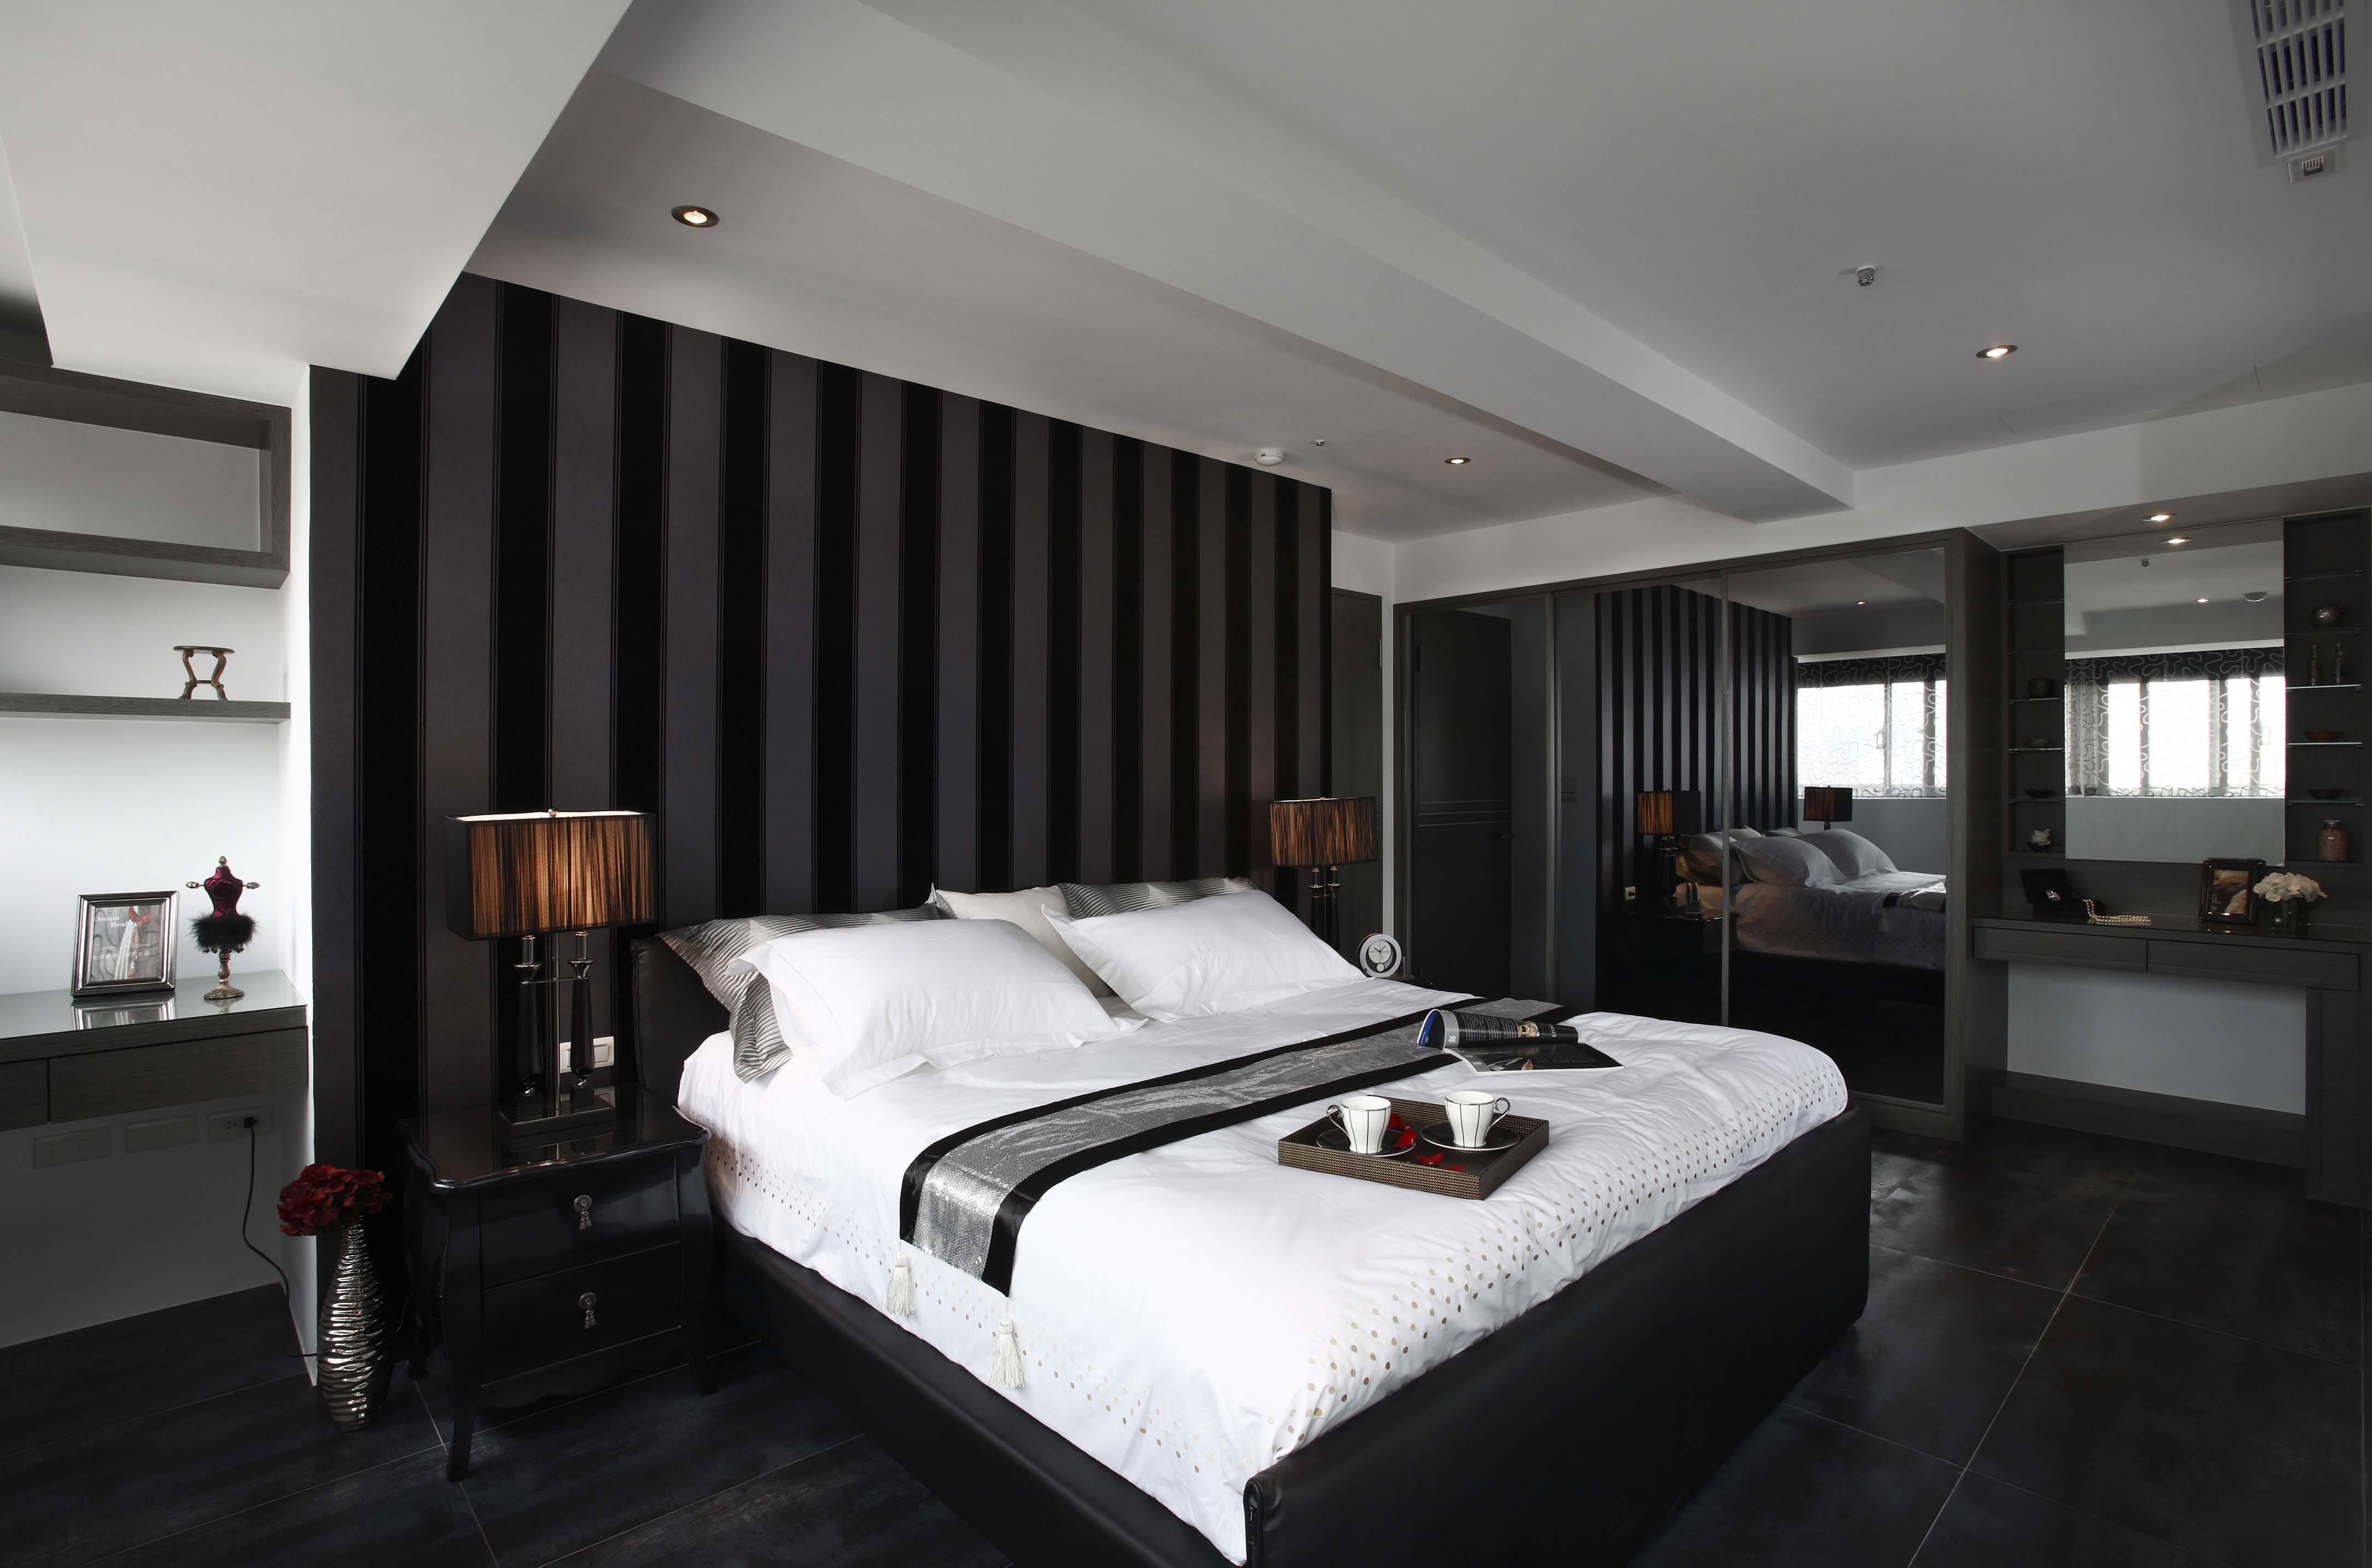 现代时尚风韵三居主卧室装修设计图